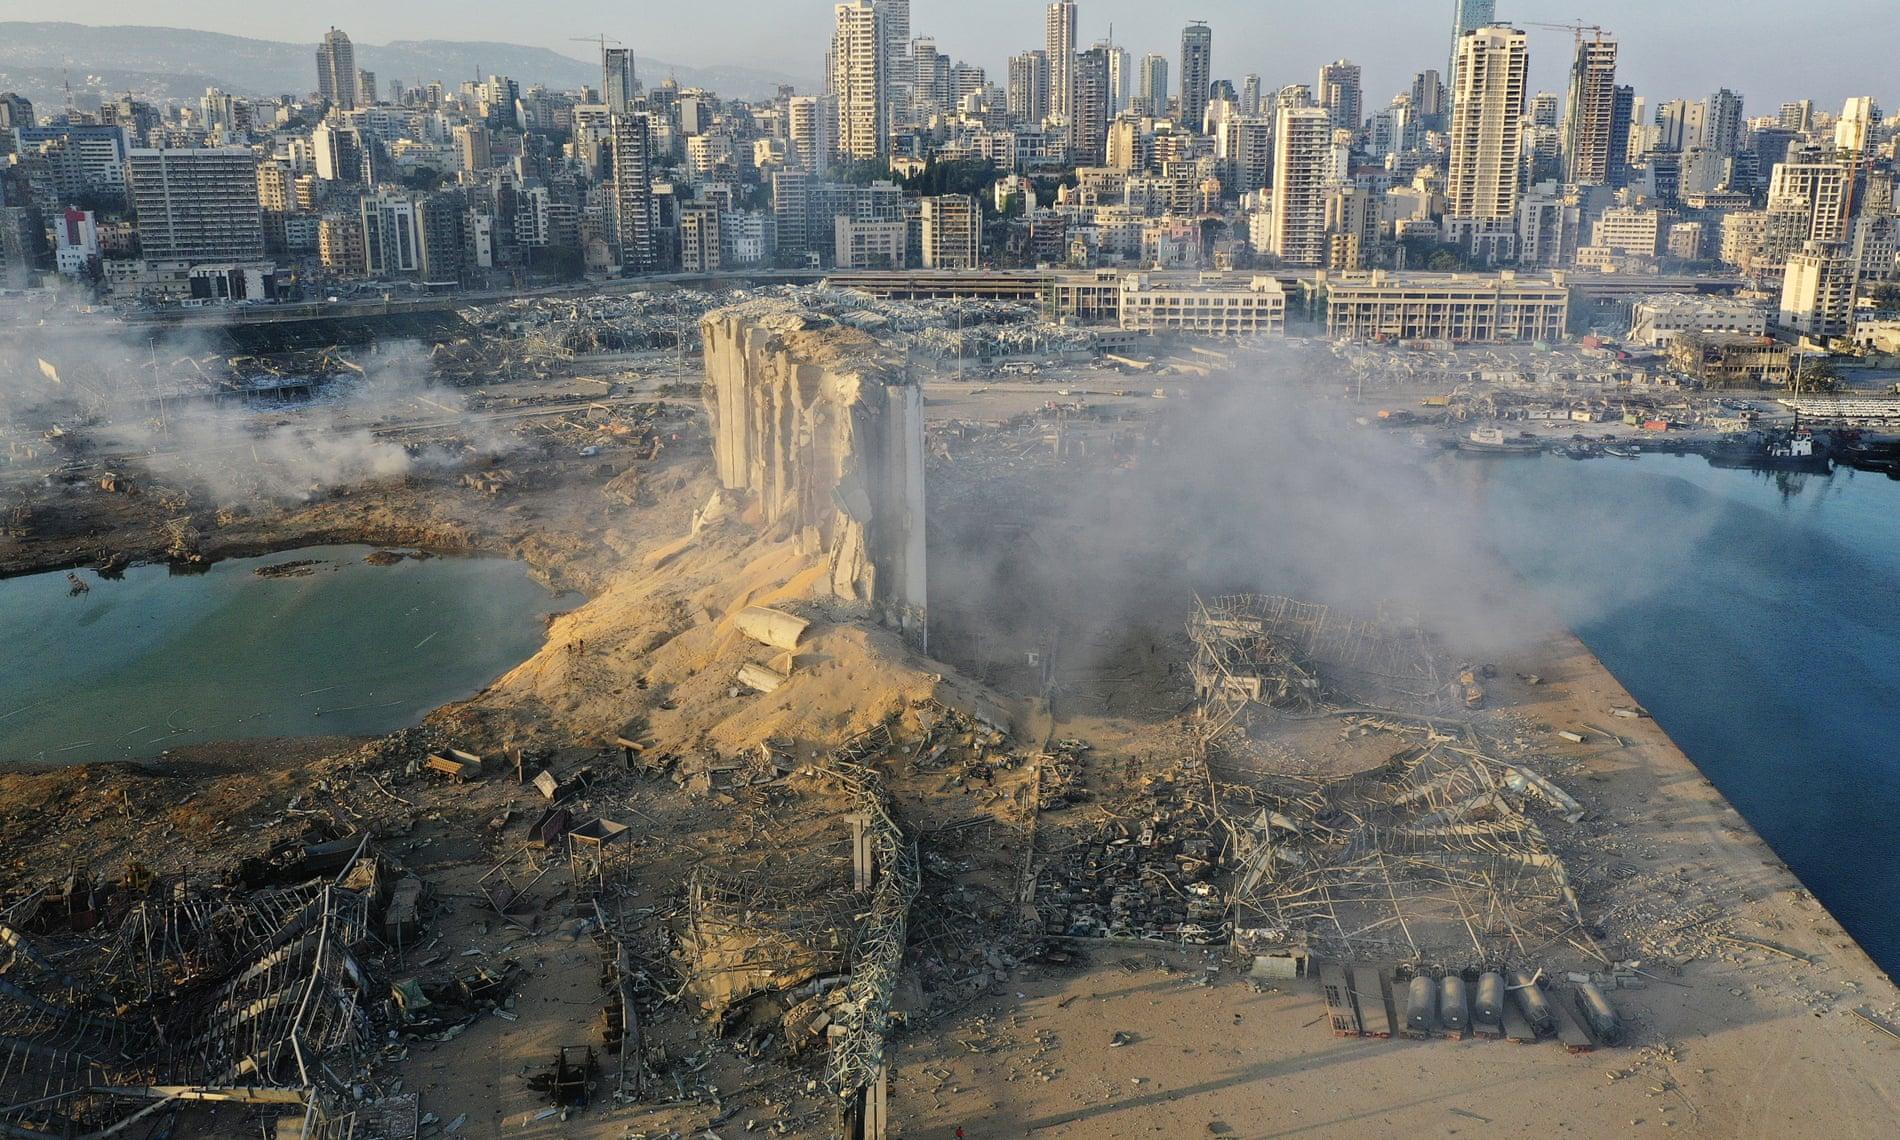 Explosión en Beirut: 135 muertes, más de 5.000 heridos y cerca de 300.000 personas quedaron sin hogar